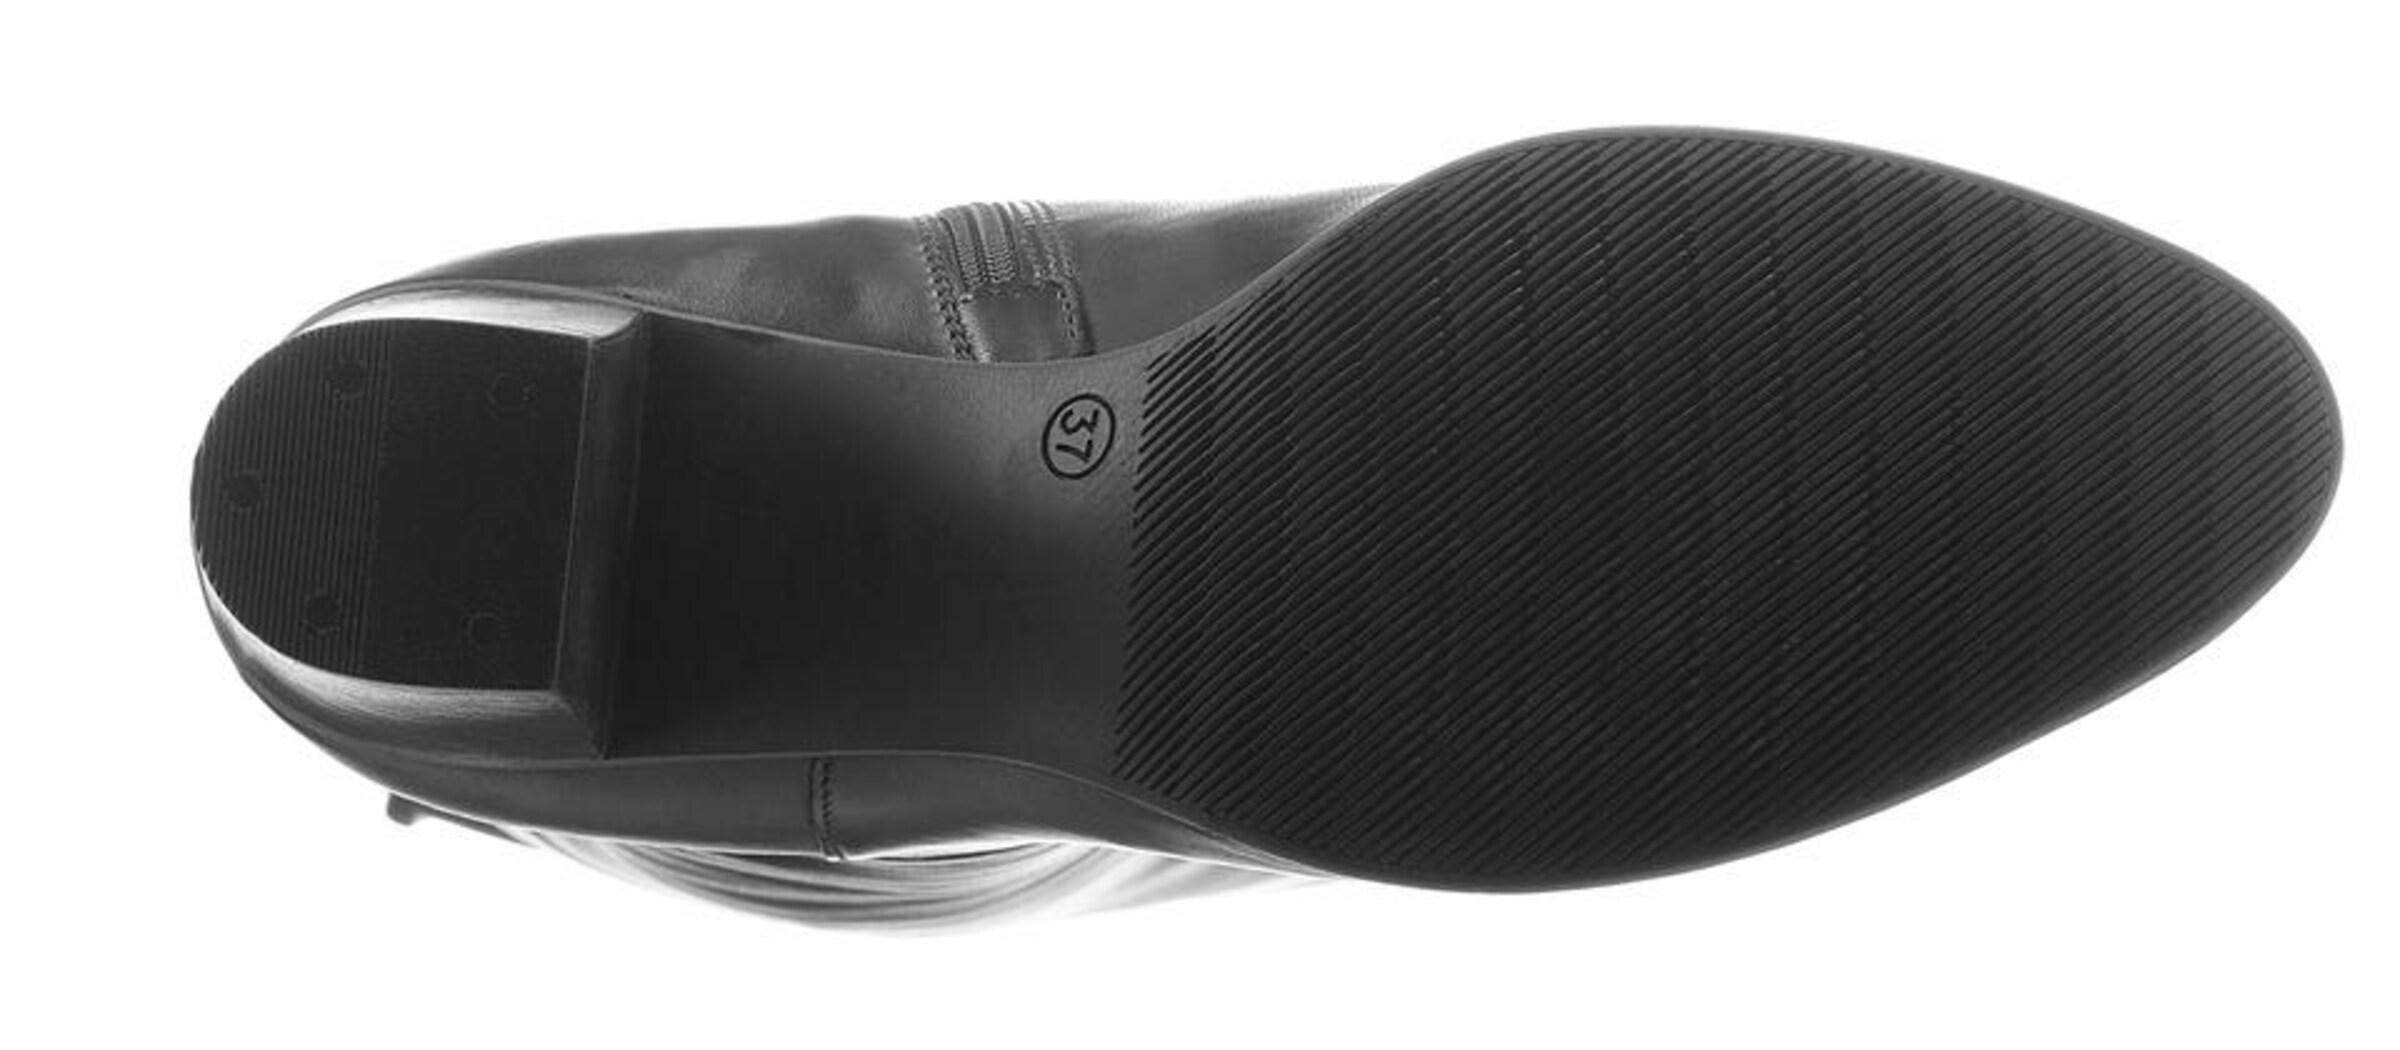 Bestes Geschäft Zu Bekommen TAMARIS Stiefel Verkauf Echt x38y6